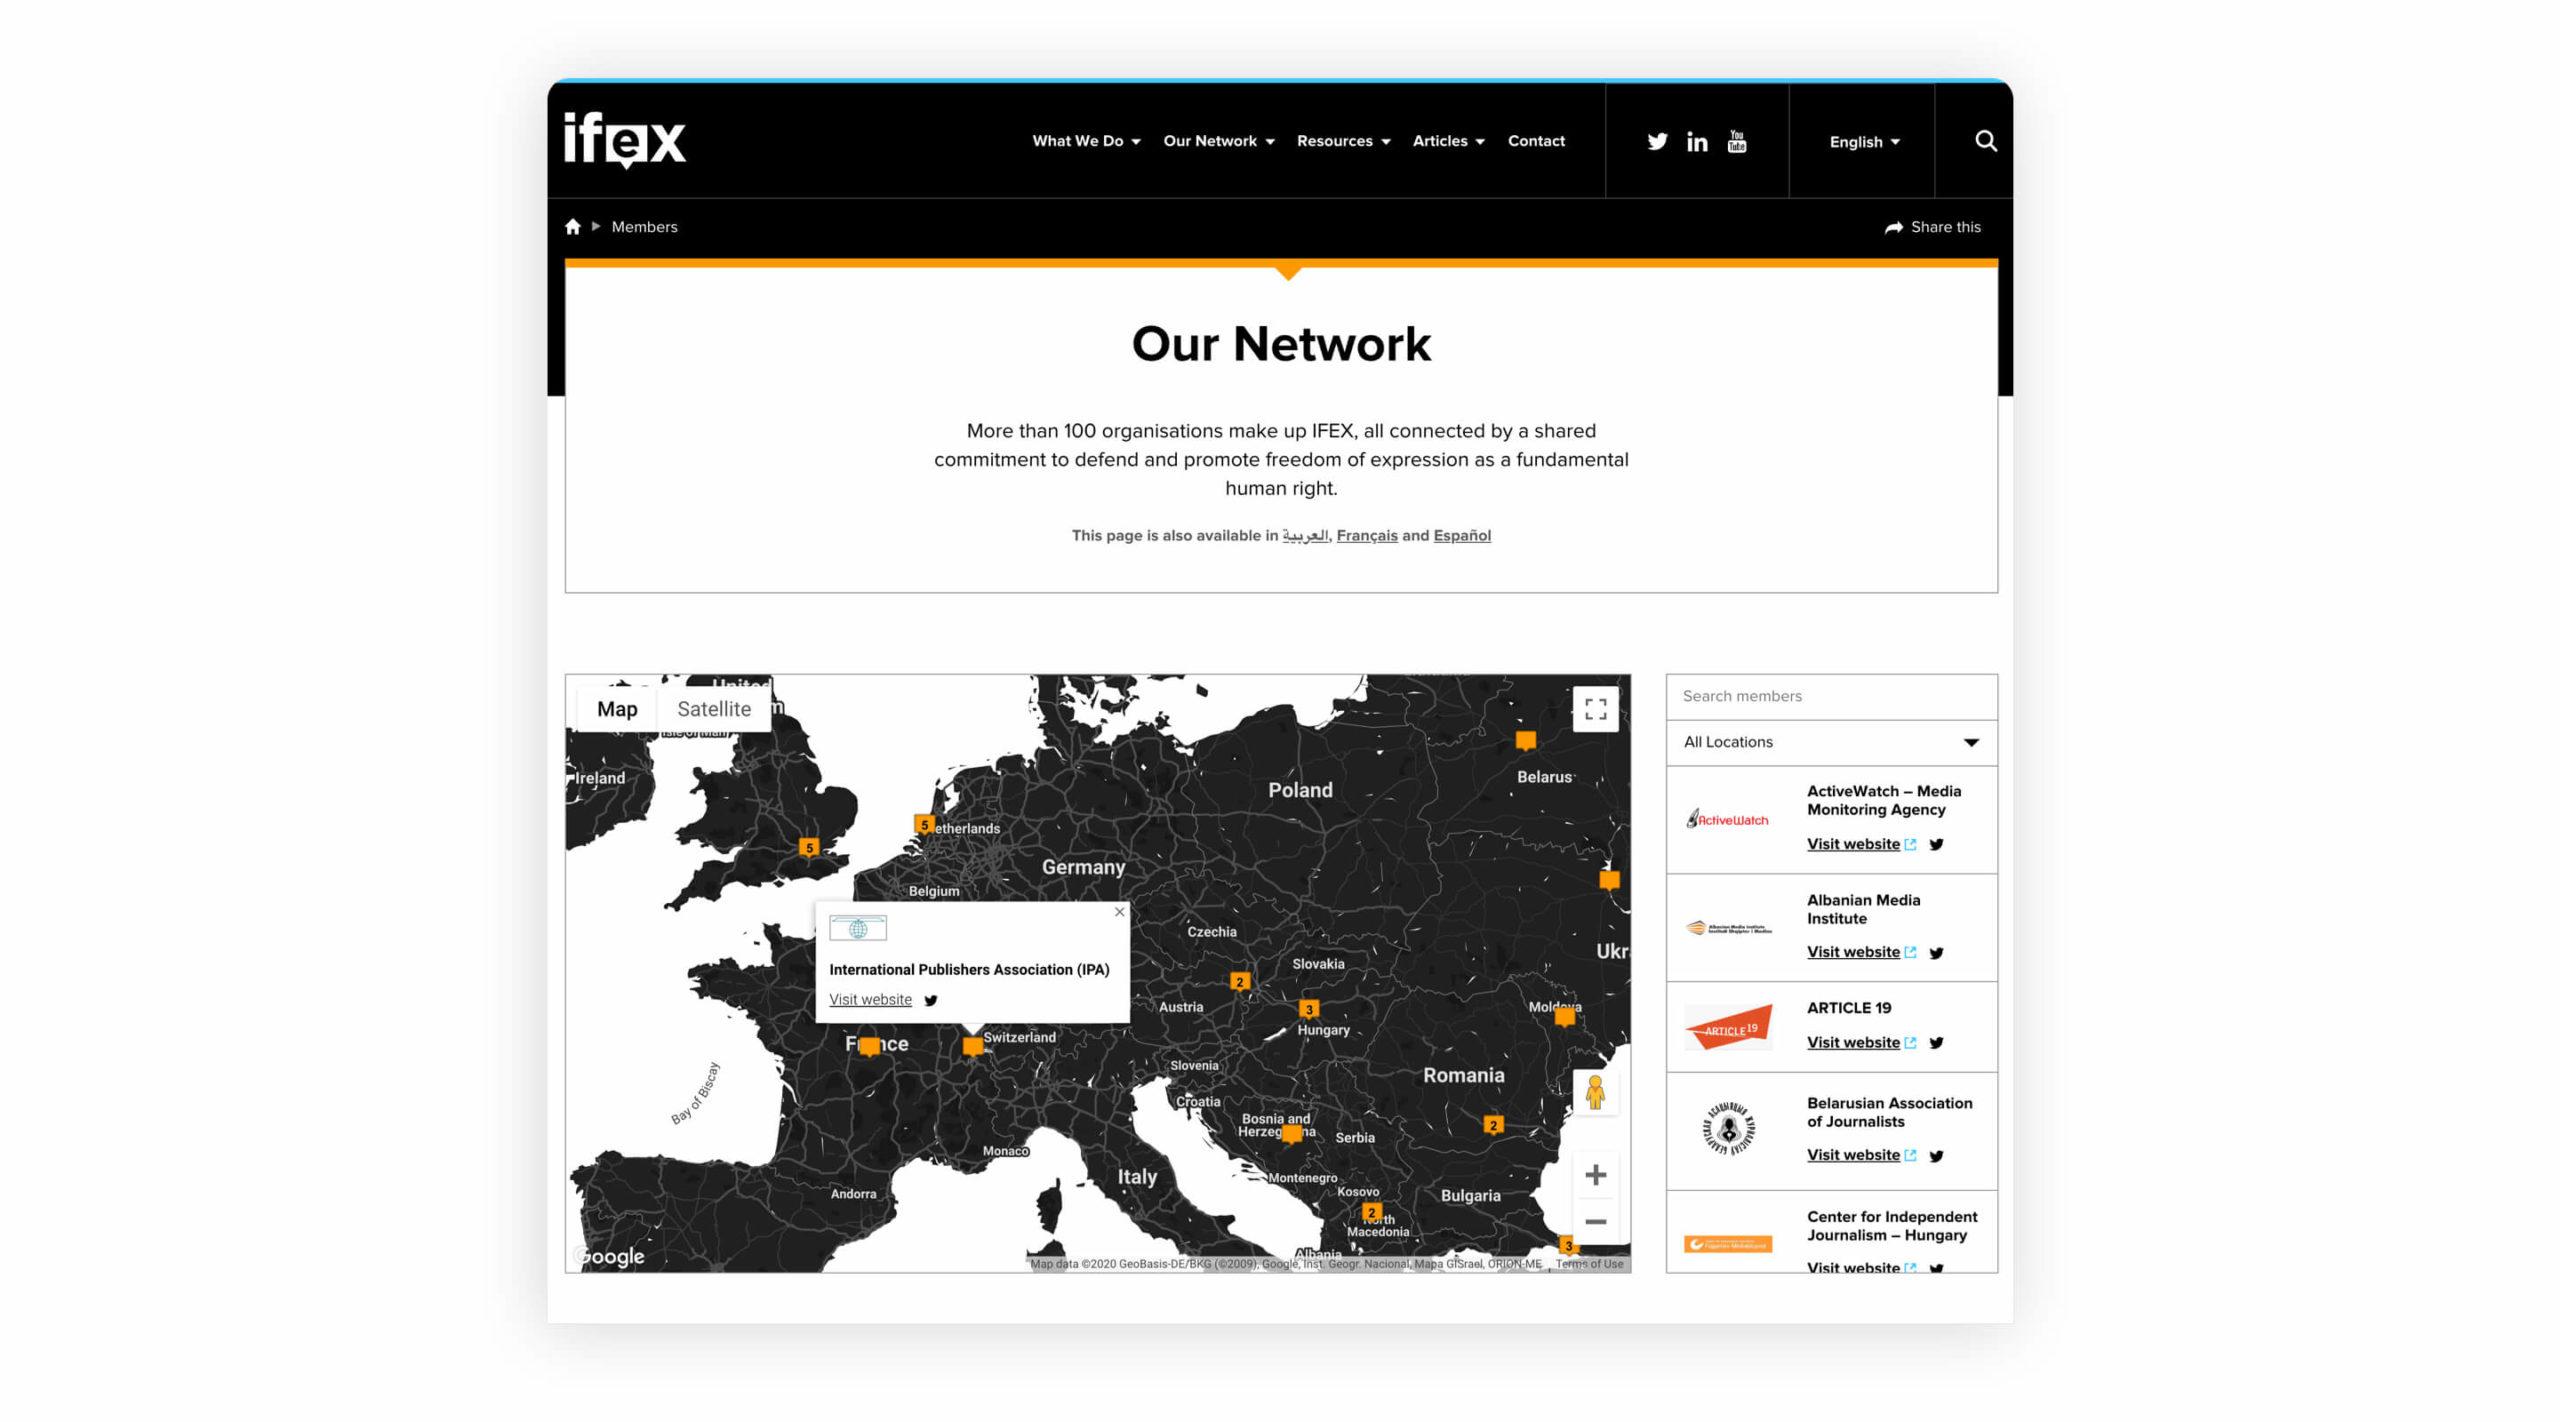 screenshot of IFEX website